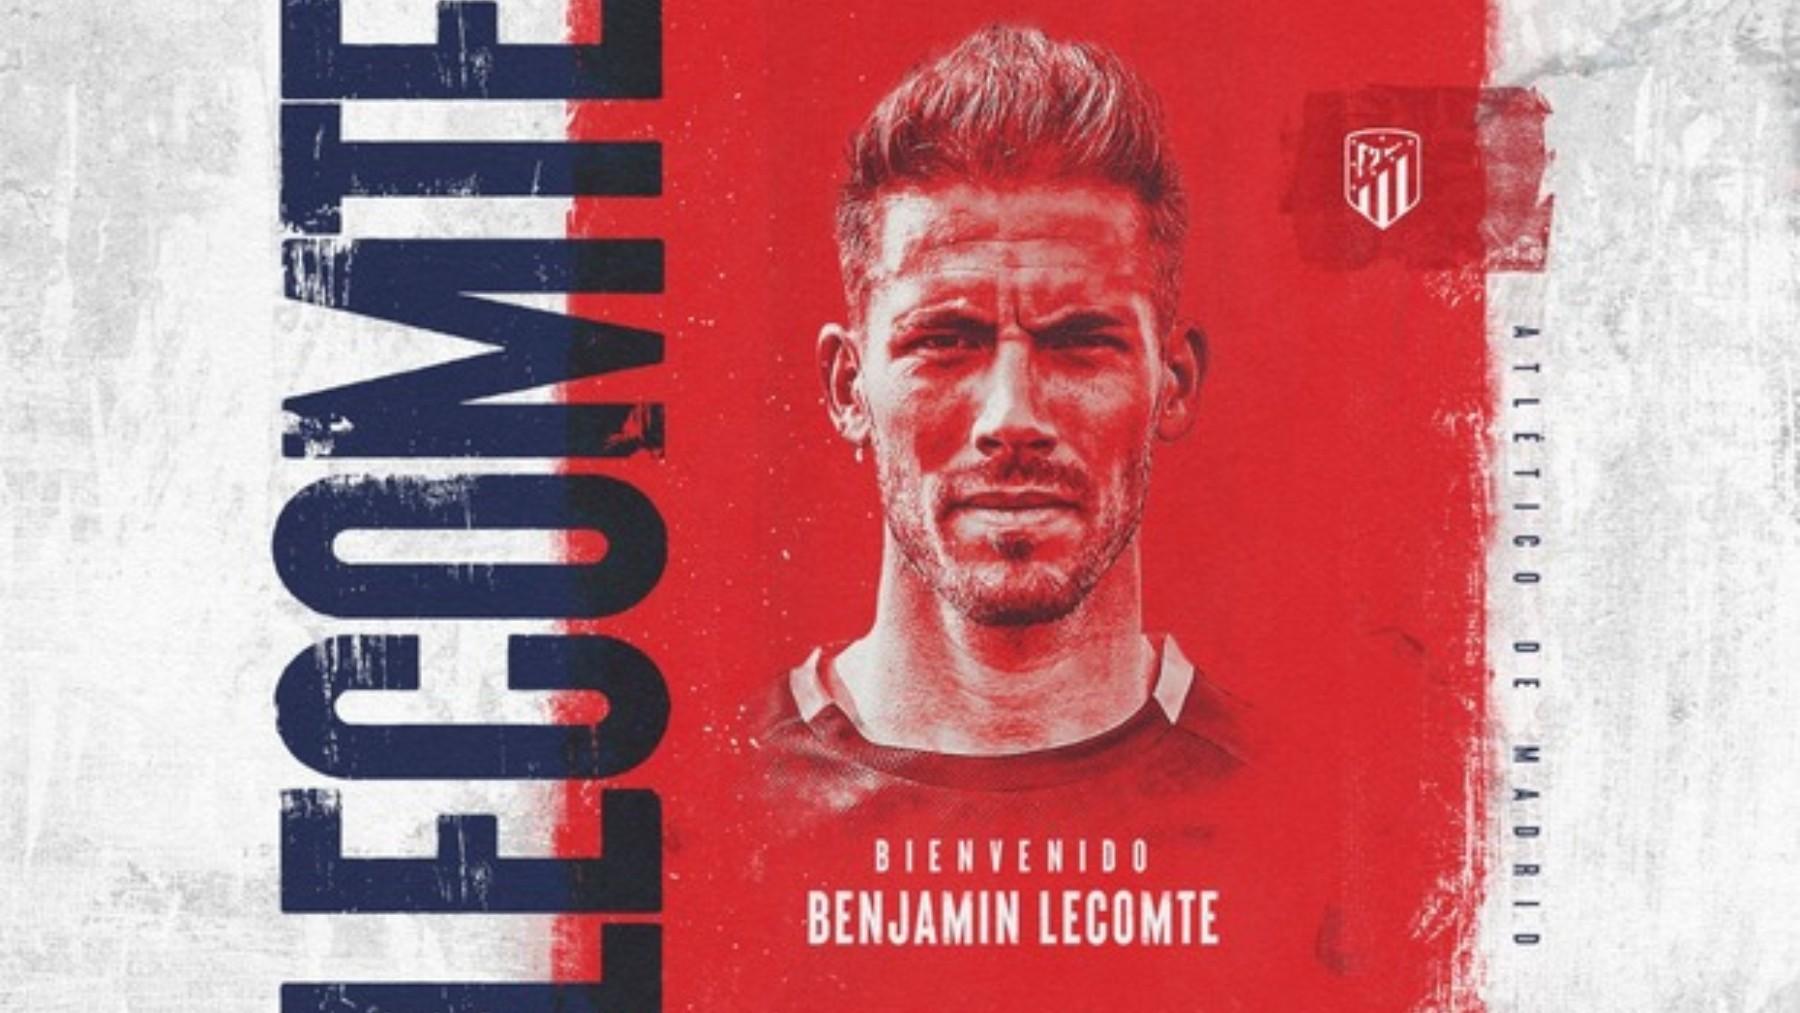 Lecomte llega cedido al Atlético. (Atlético de Madrid)